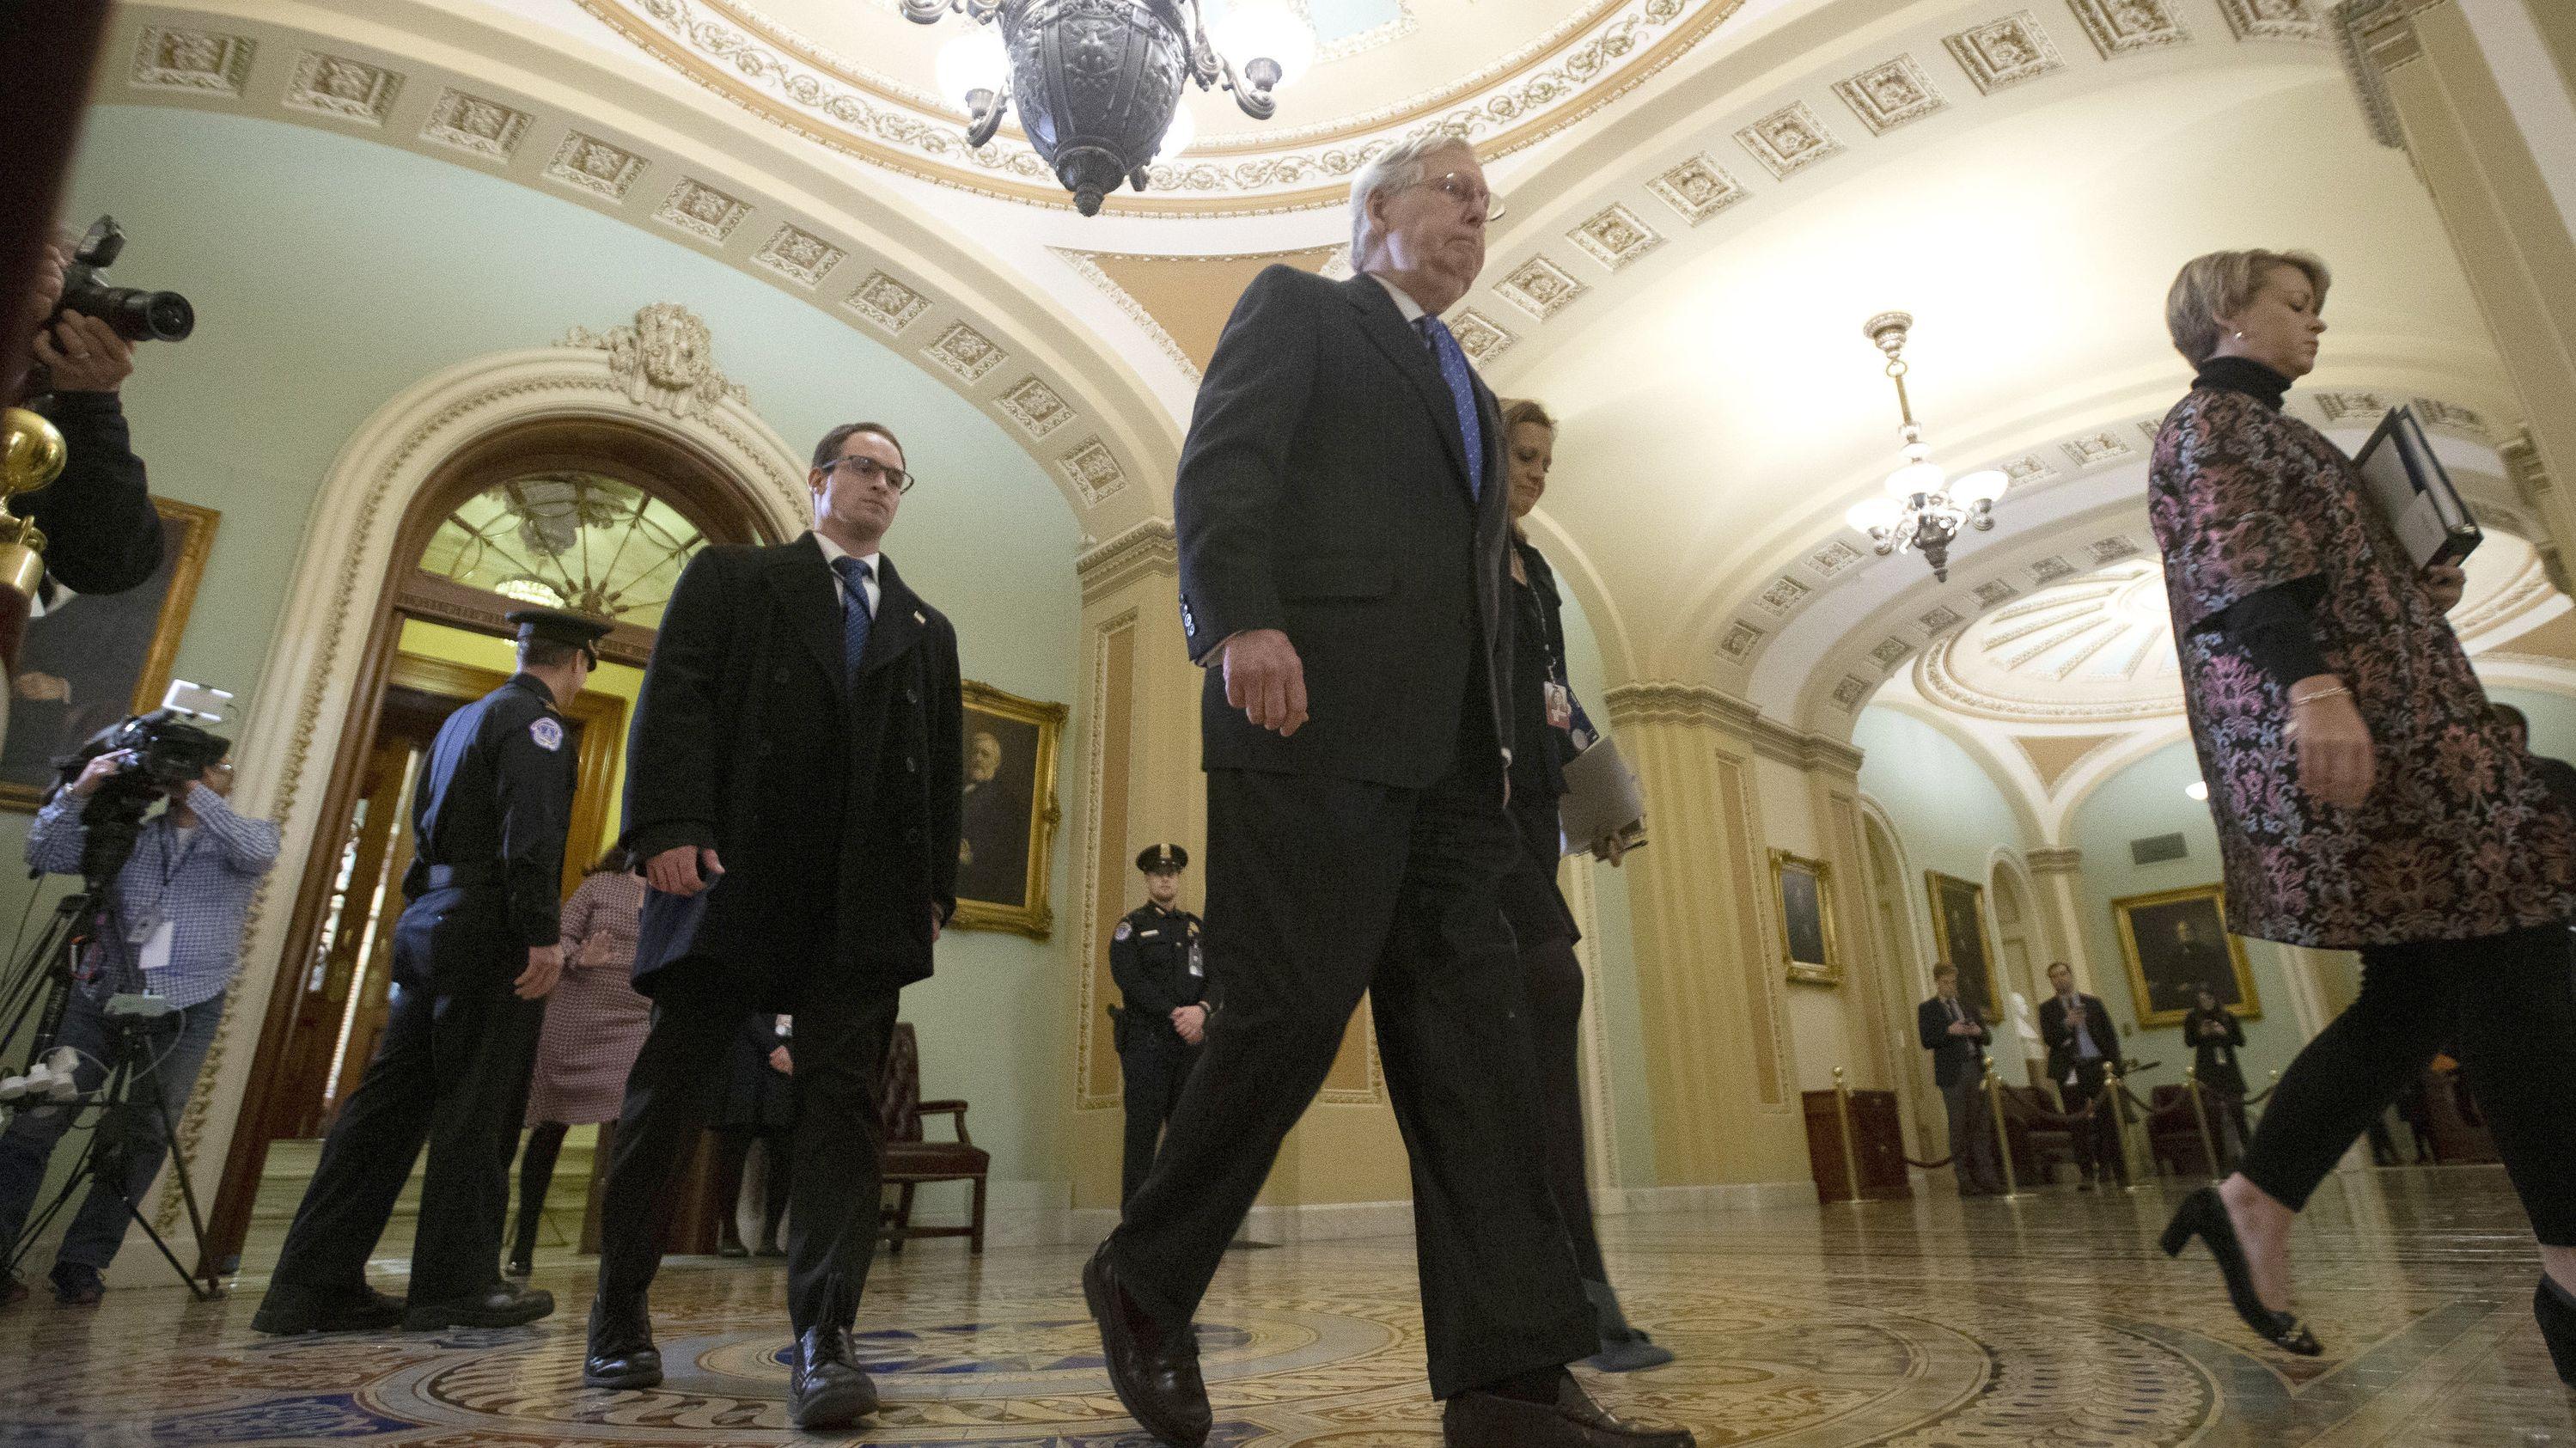 Mitch McConnell, republikanischer Mehrheitsführer im Senat, verlässt während einer Pause im Rahmen des Amtsenthebungsverfahrens den Senatssaal.